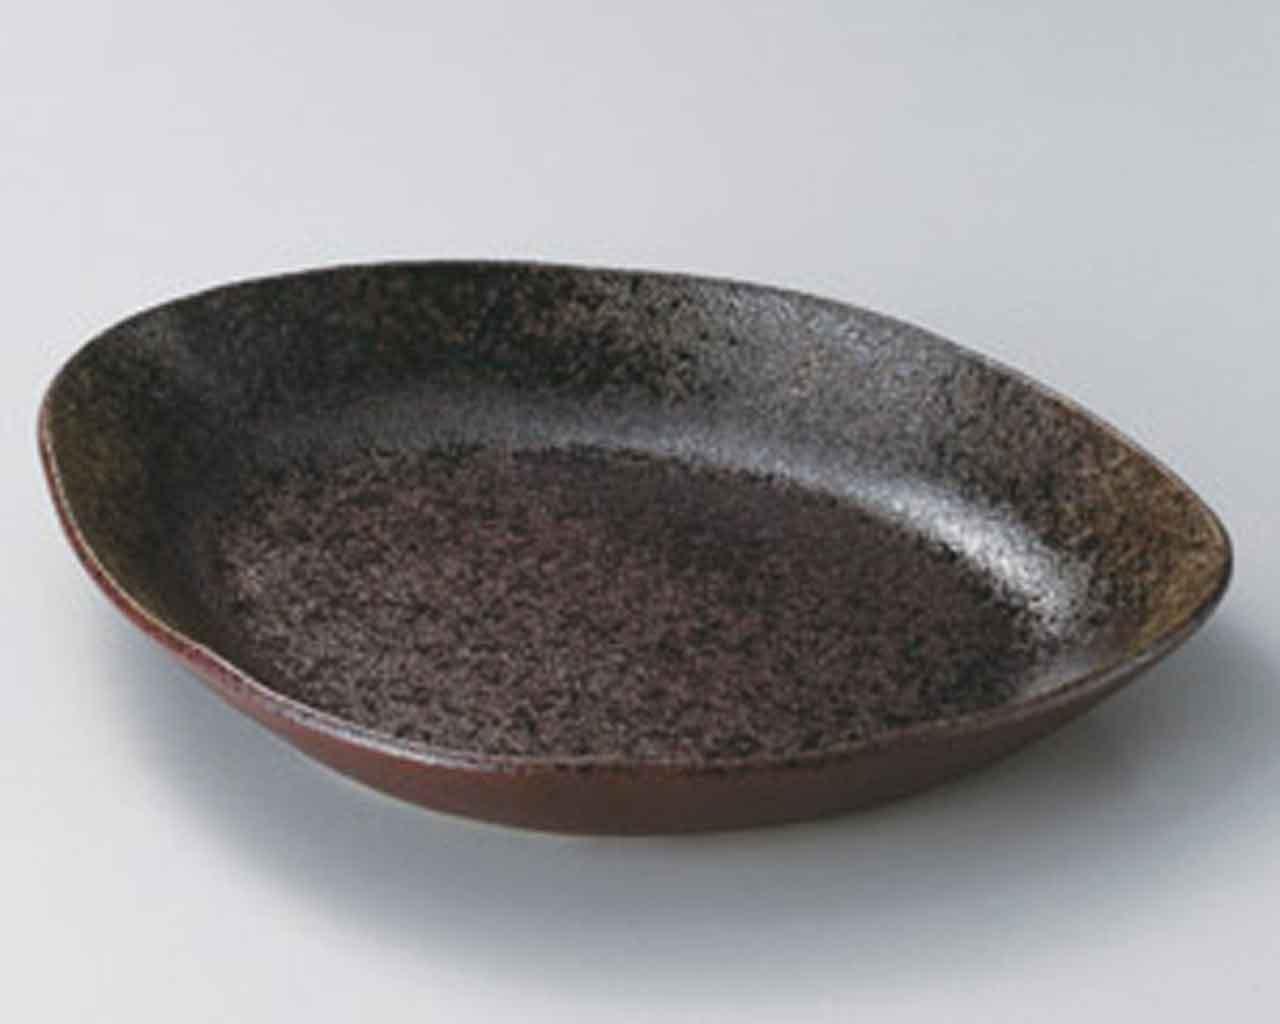 小豆釉 31.5cm パスタ皿10点セット 茶 陶器   B010FO0Y6A